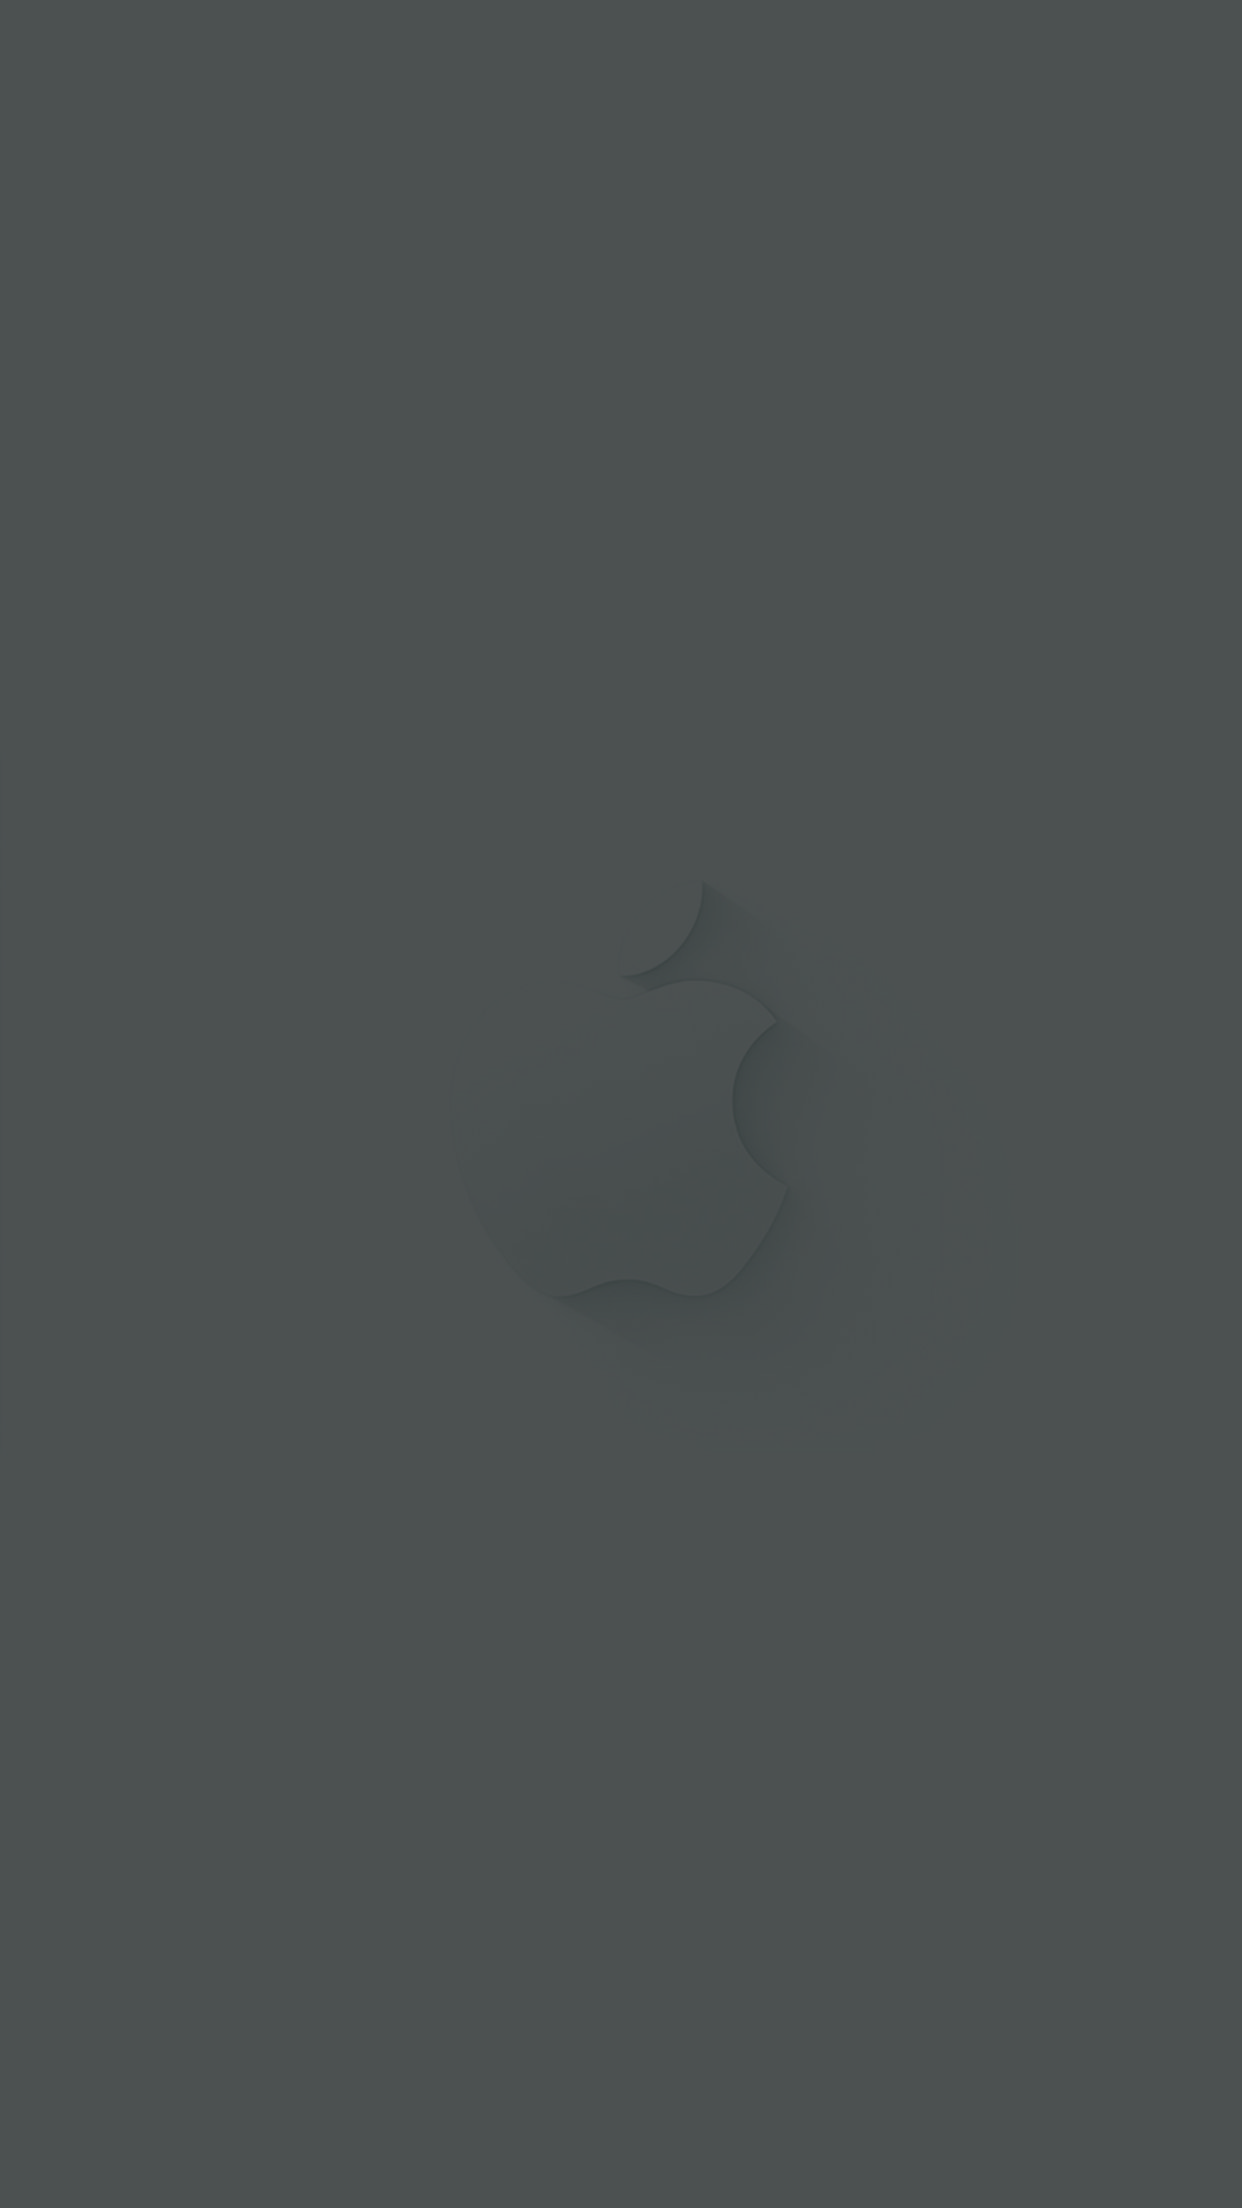 Apple hintergrund grau